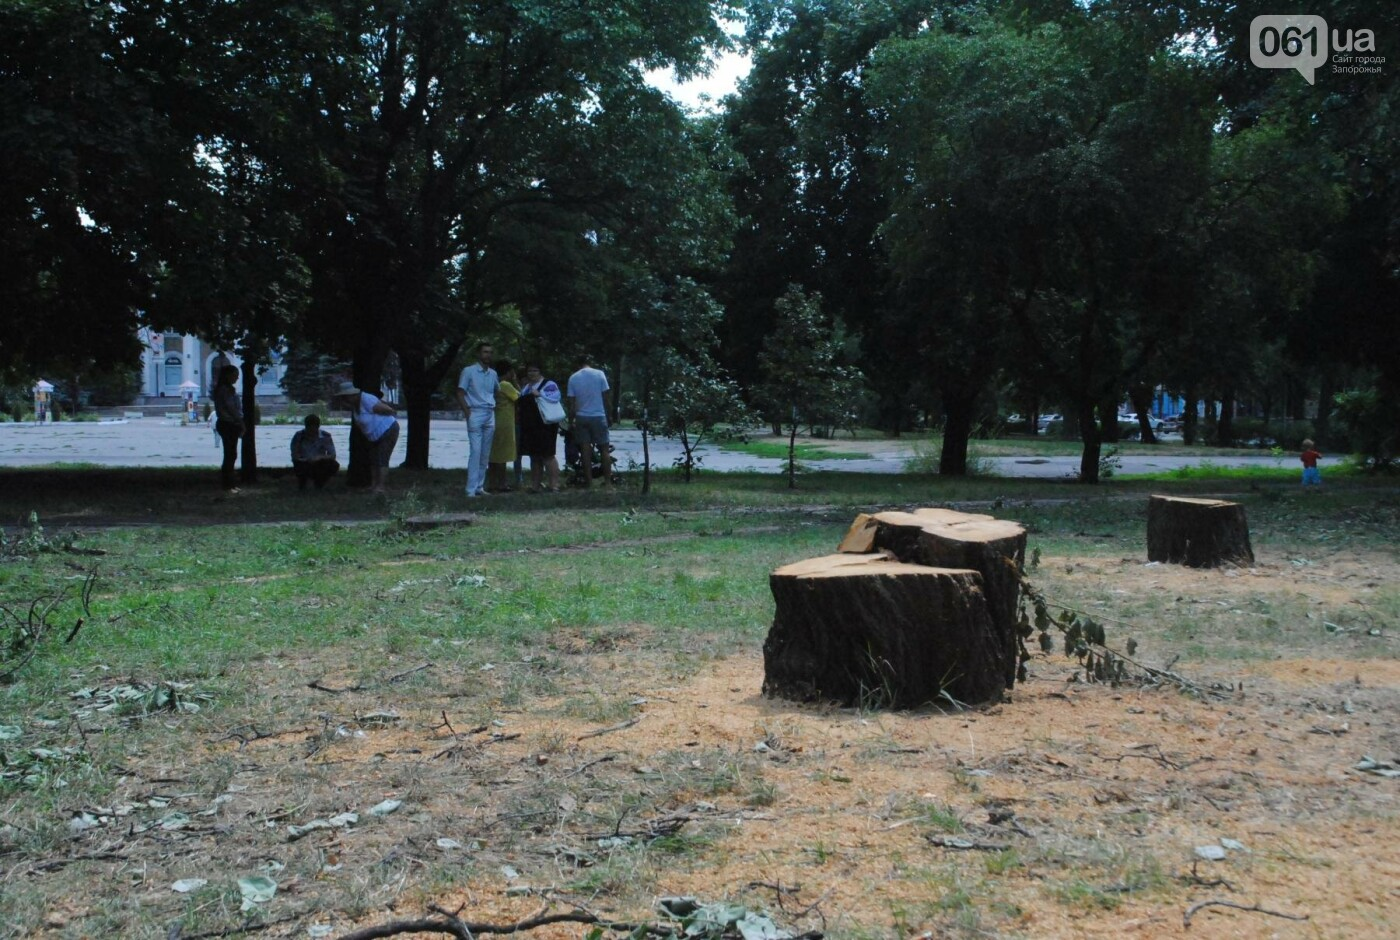 В сквере Яланского начали пилить деревья: неизвестные провели работы сегодня утром, фото-2